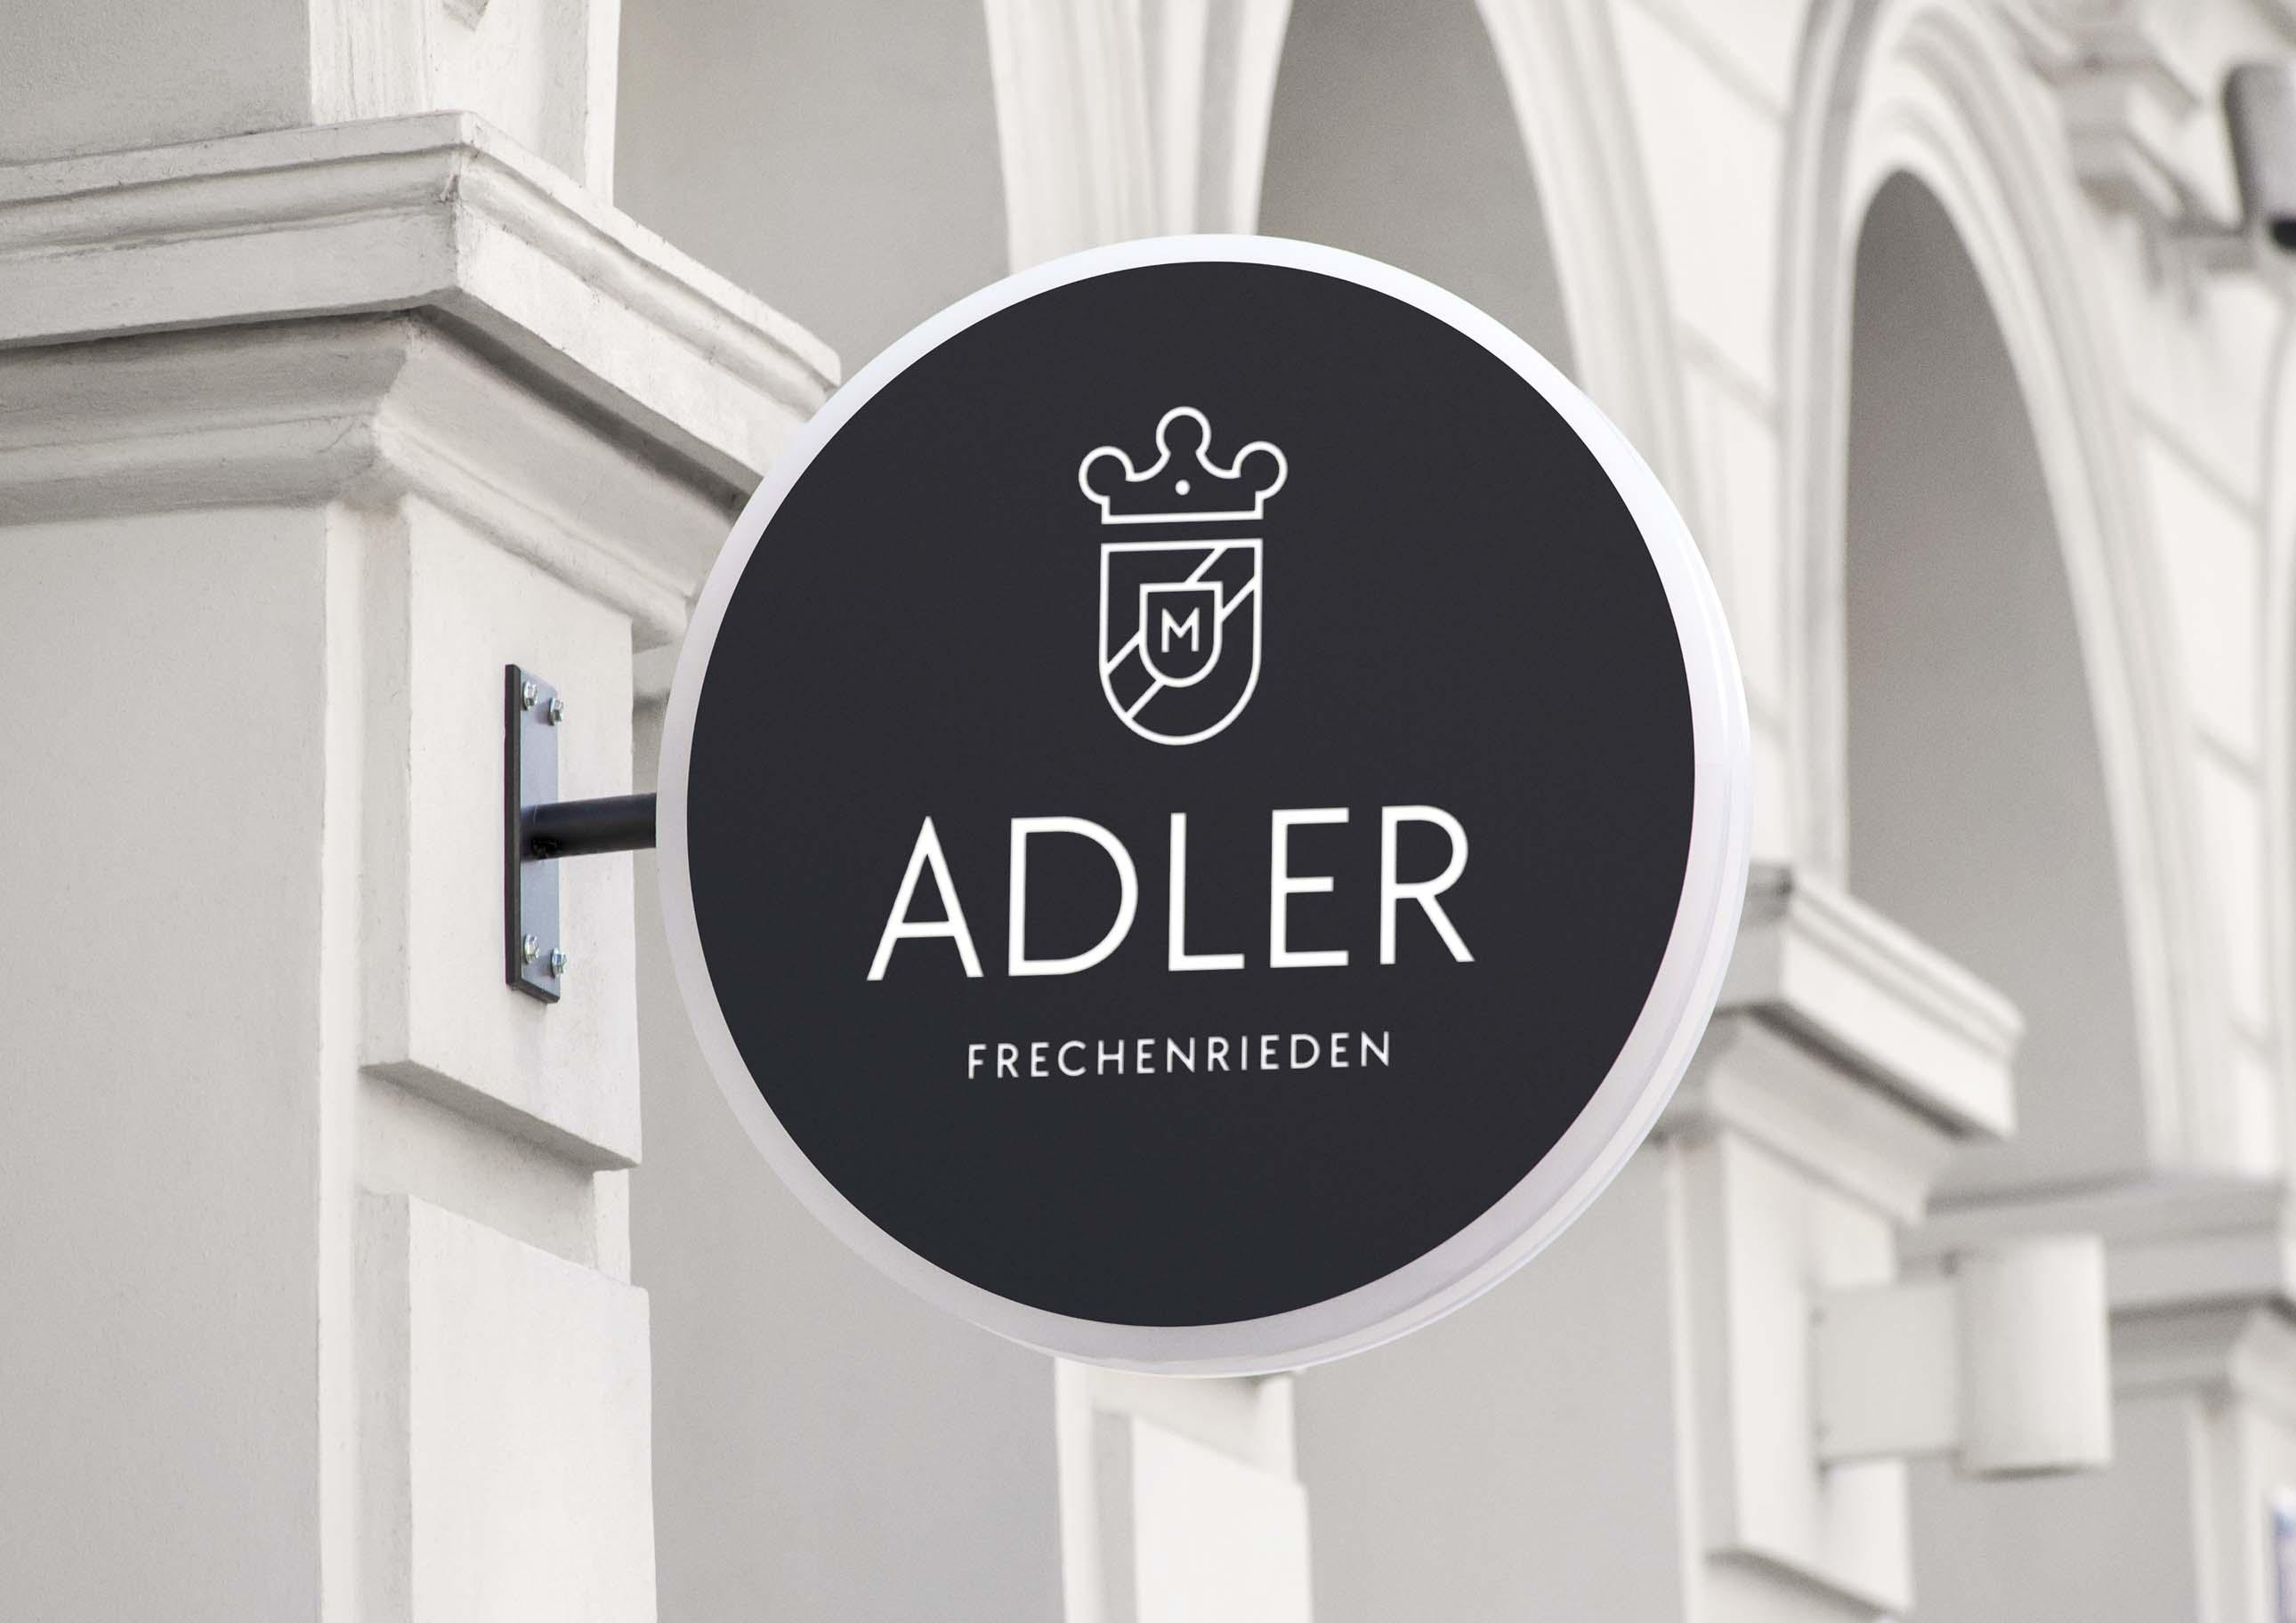 Logodesign für Gasthof Adler aus Frechenrieden im Allgäu